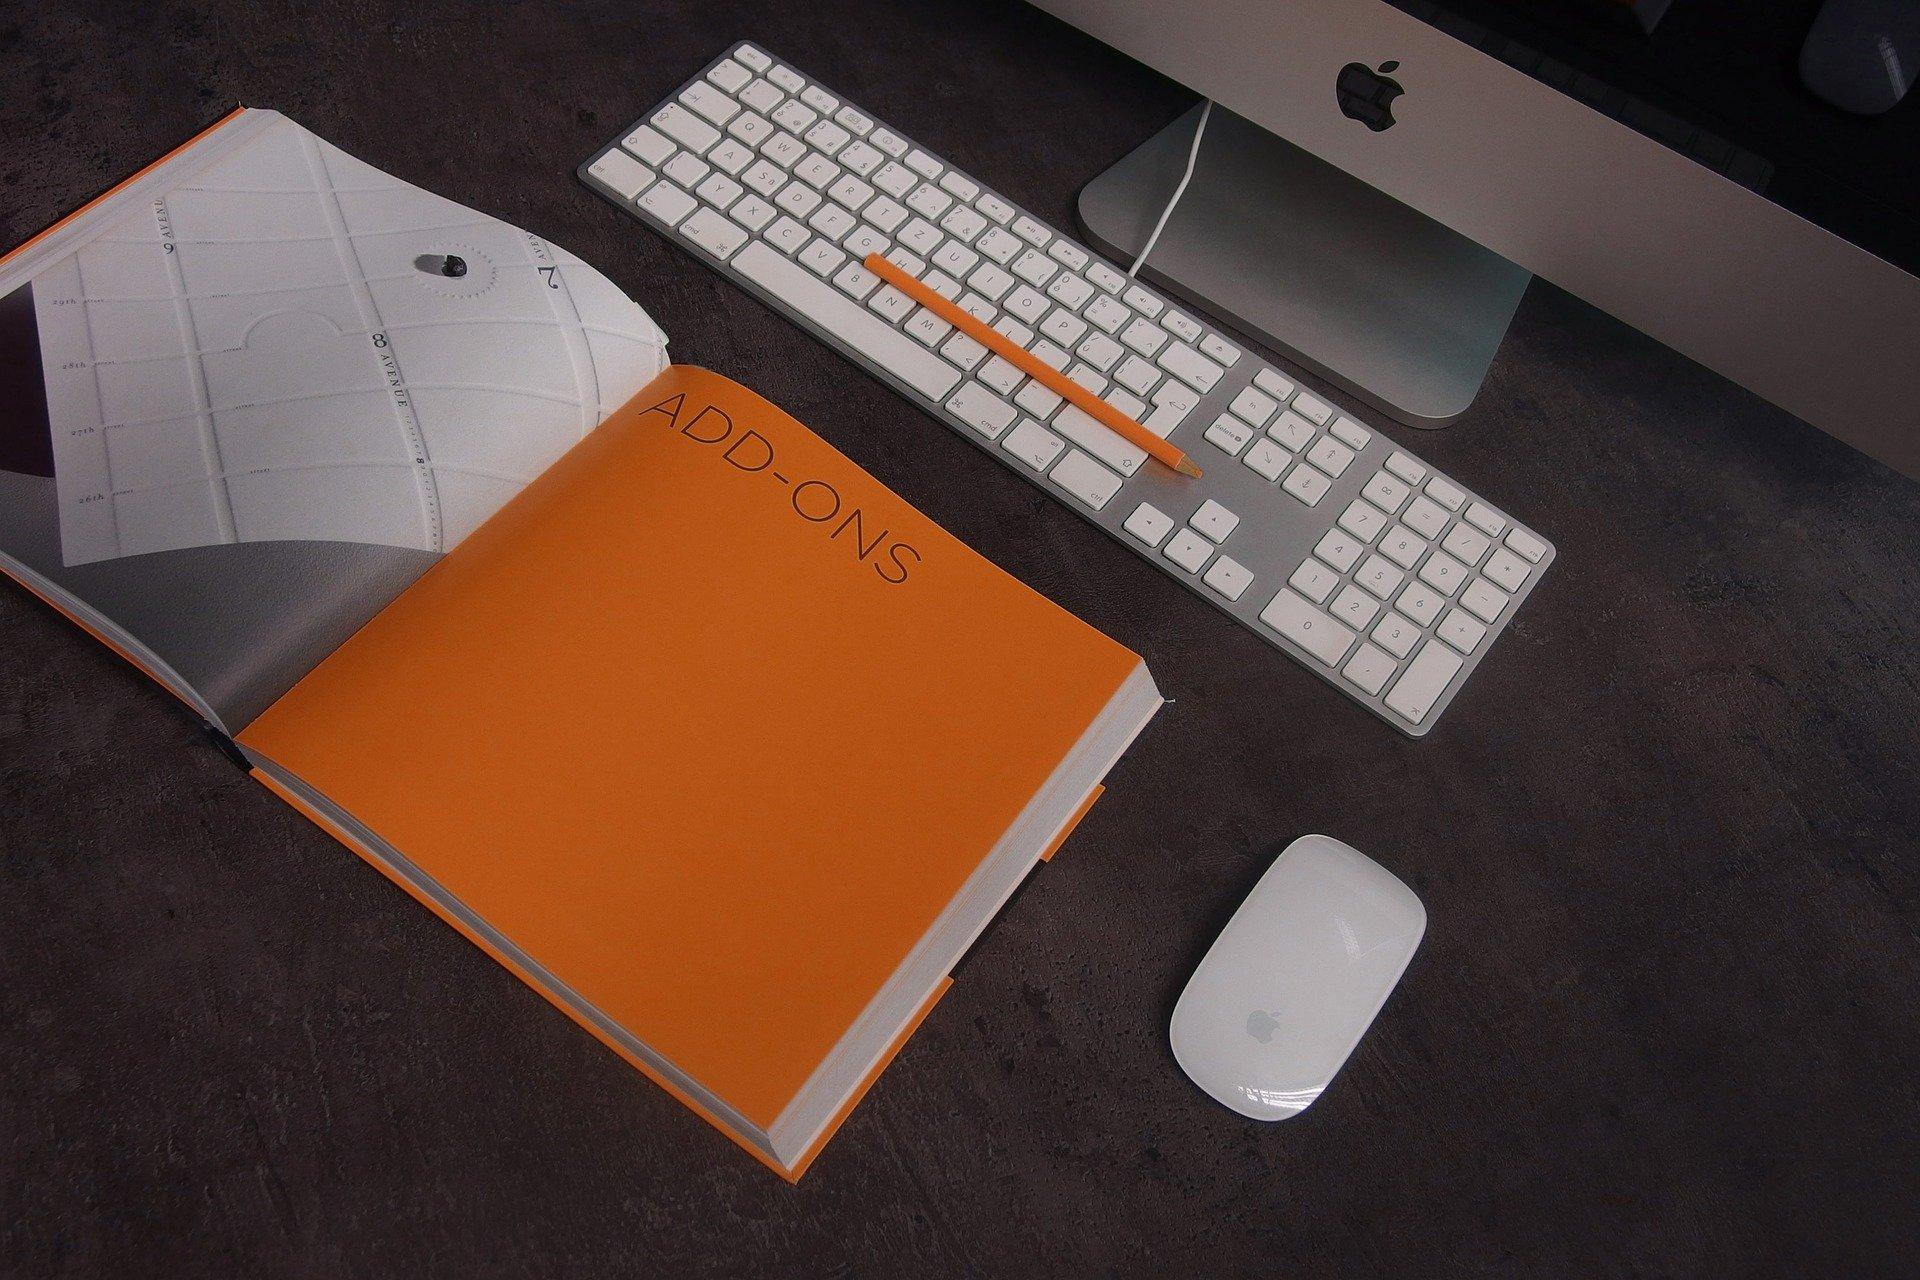 Una libreta naranja y un ordenador para investigar sobre el seguro de responsabilidad civil